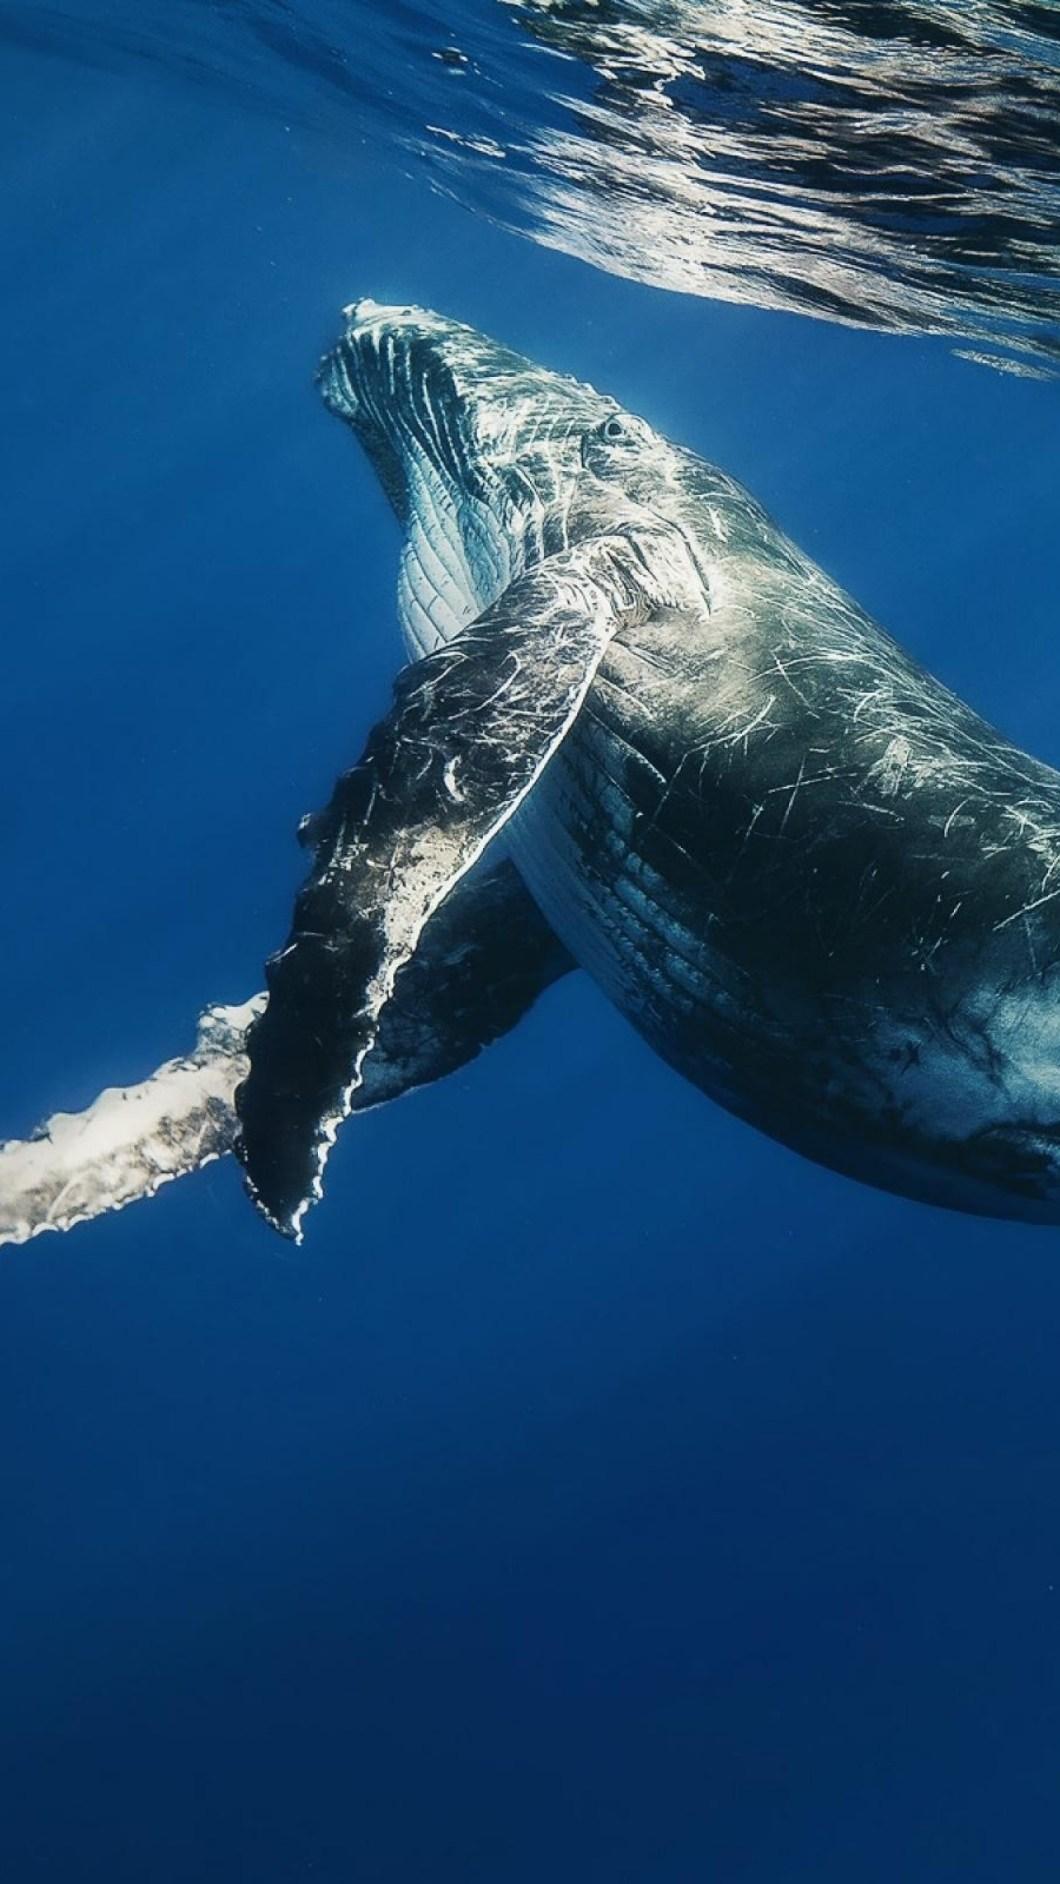 Samsung Galaxy S8 Blue Whale Hd Wallpaper